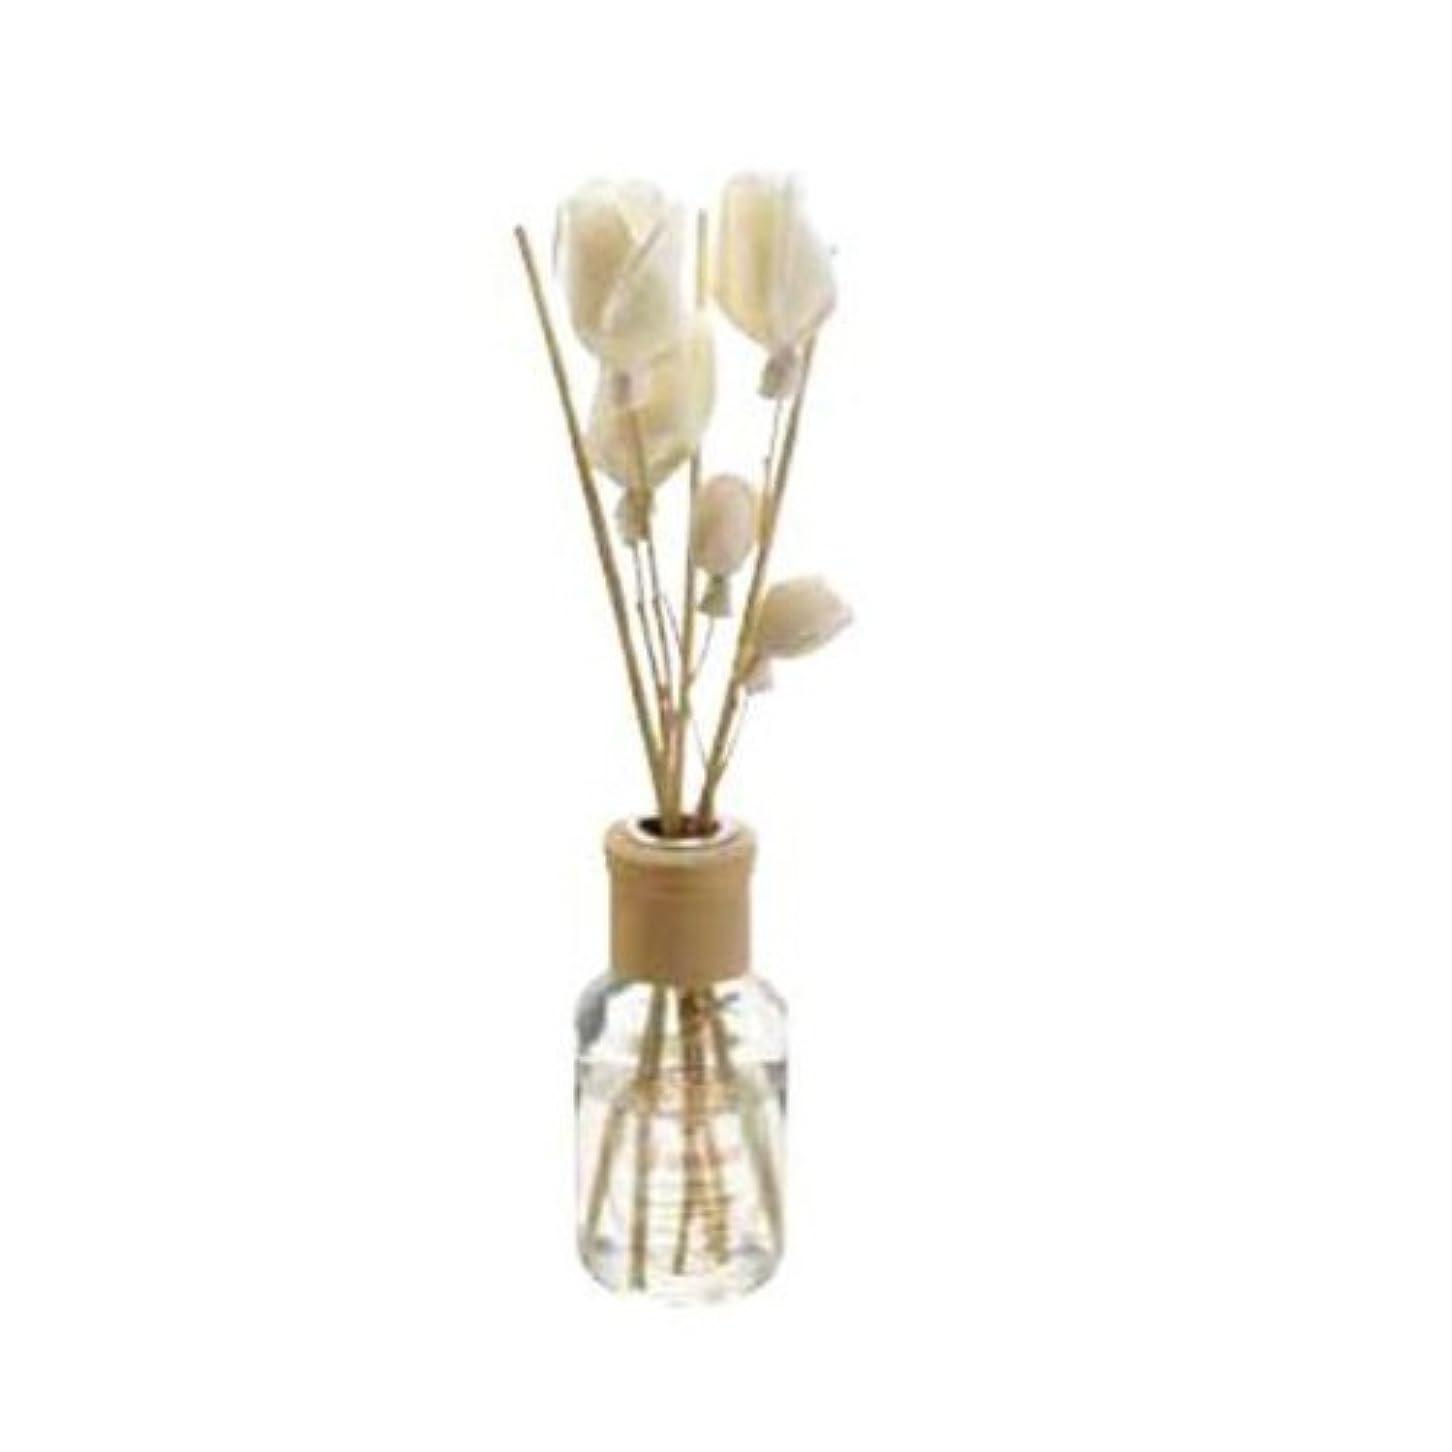 サバントはさみ抑制グレース サンクタム フラワー ディフューザー [ ルームフレグランス ] goody grams GRACE SANCTUM Flower Diffuser 《 ROSE/ROSE BOWL 》